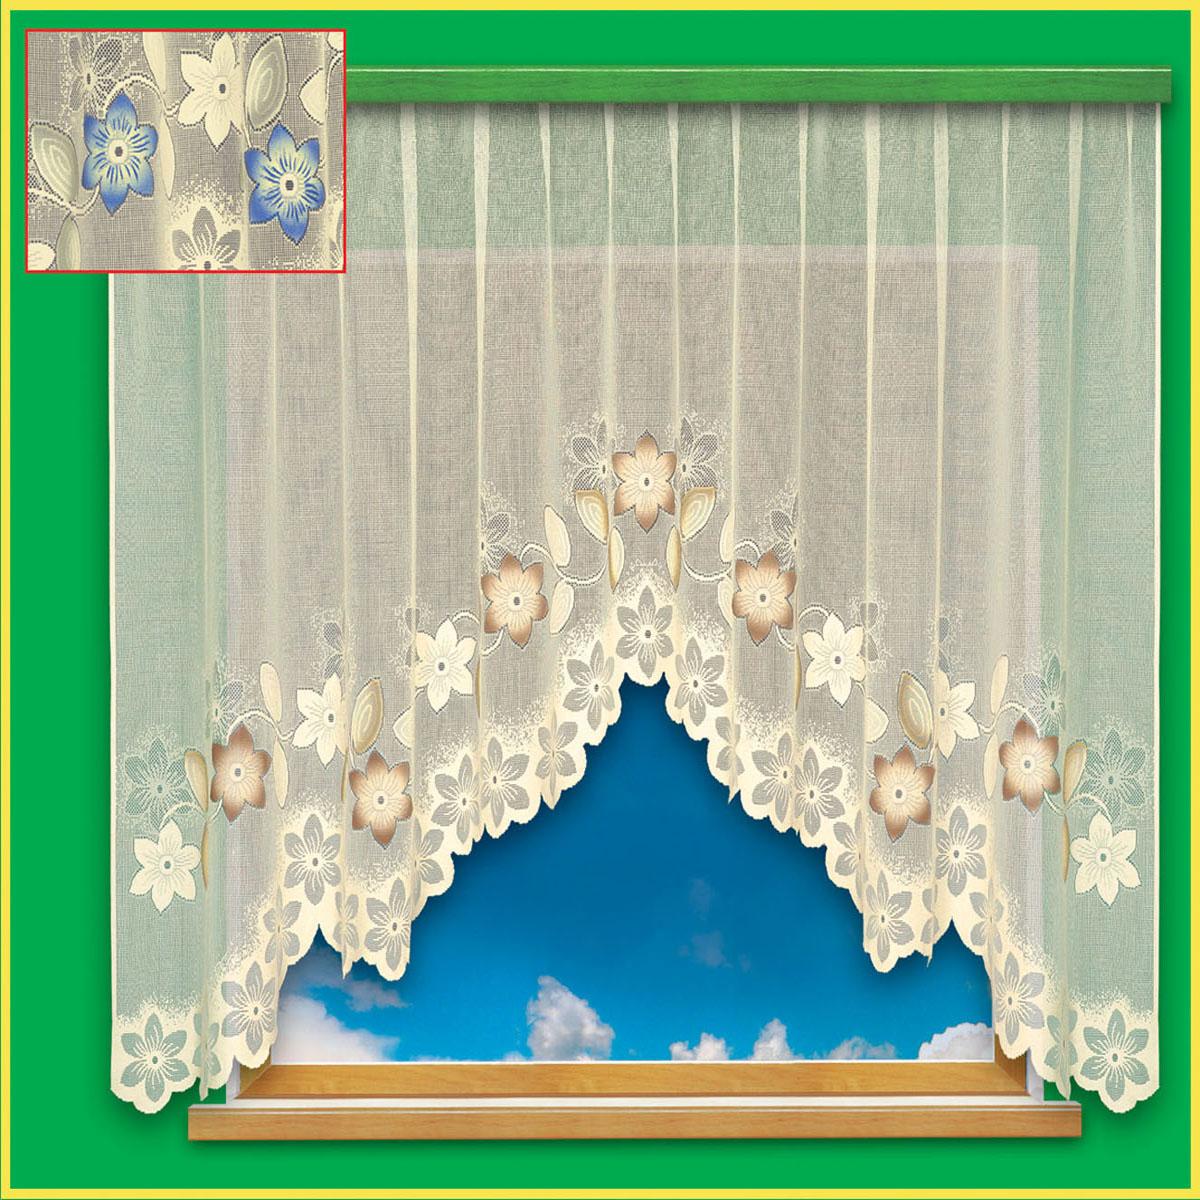 Гардина Haft, цвет: бежевый, ширина 300 см, высота 180 см19201Кремовая гардина из жаккардовой ткани с бежевым рисунком цветов, высотой 180 смРазмеры: высота 180см * ширина 300см